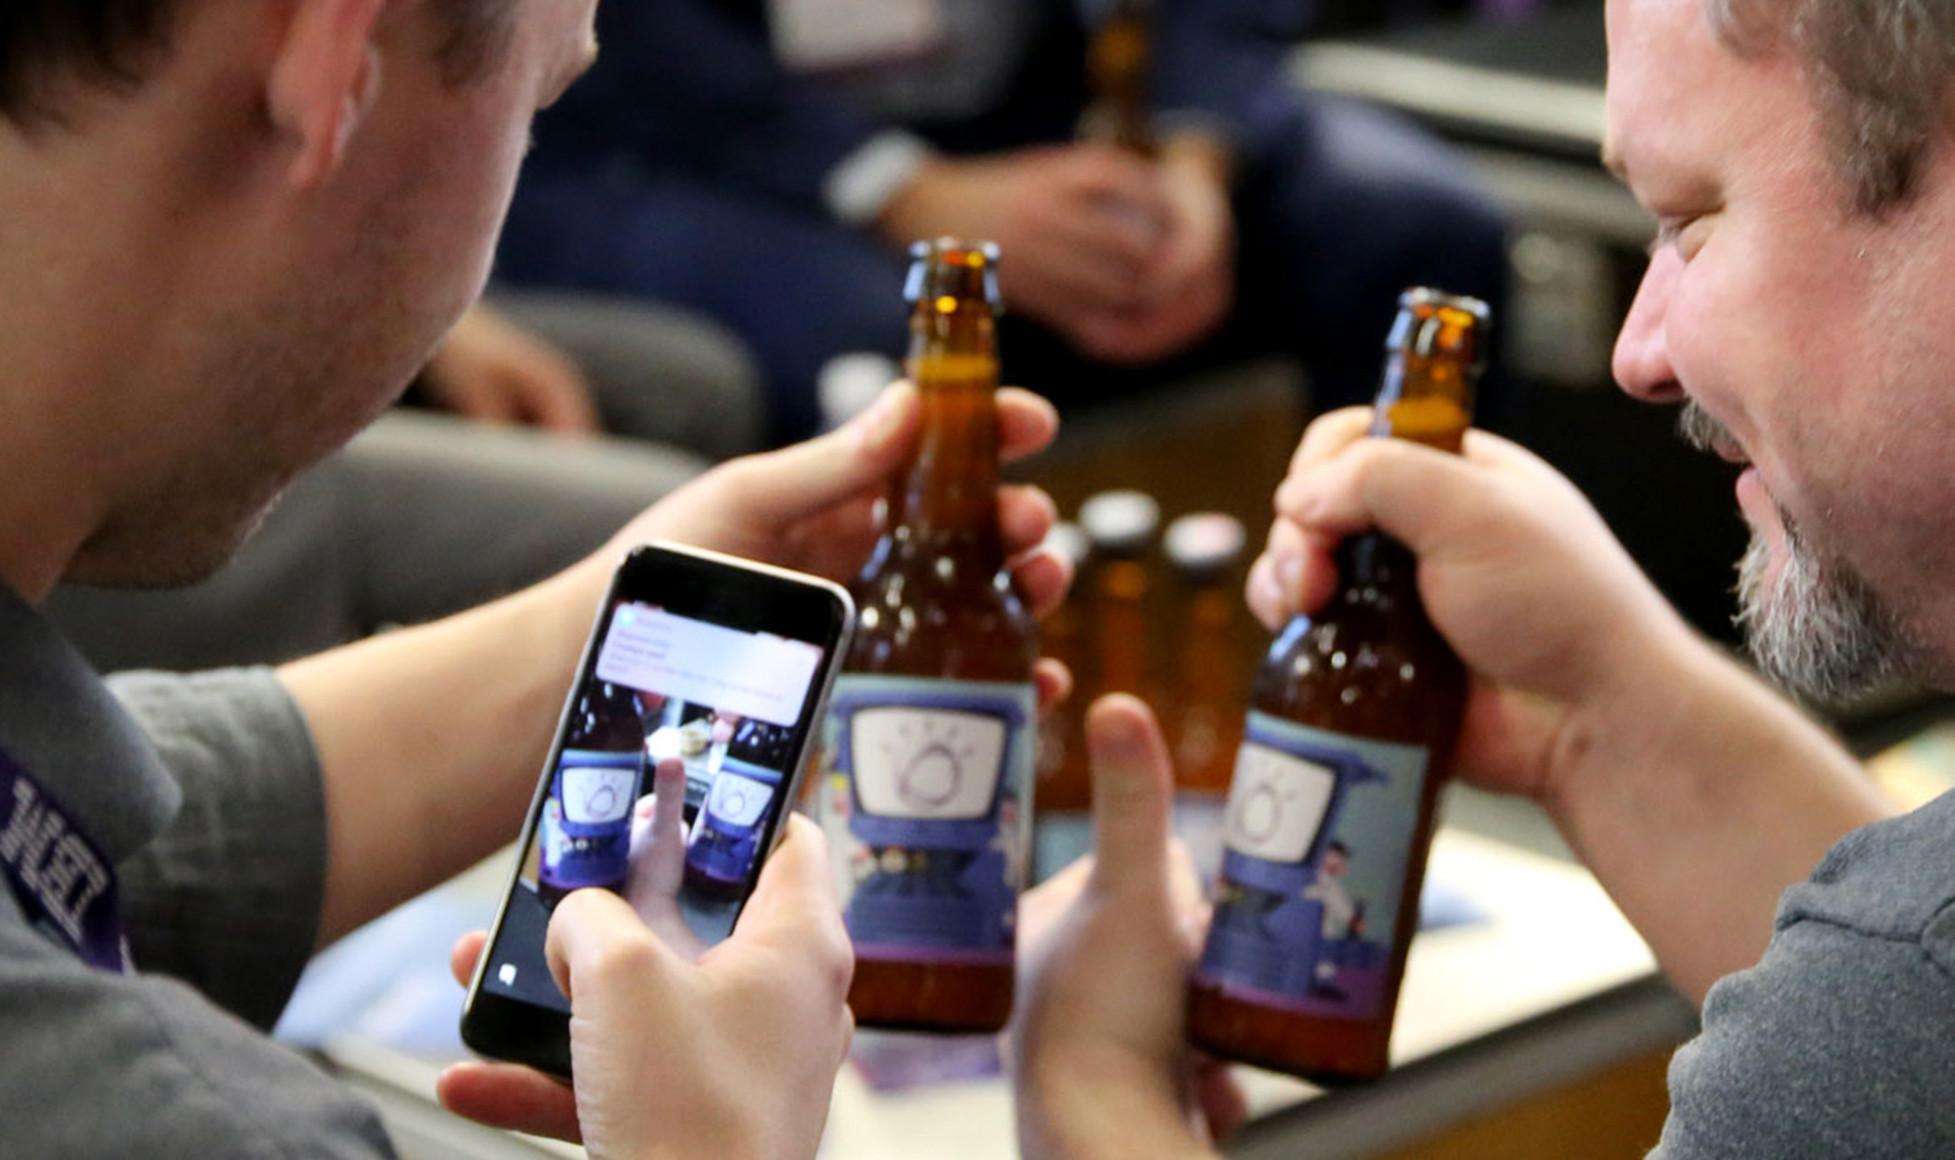 beer-app-img-8-Col_1955x1160